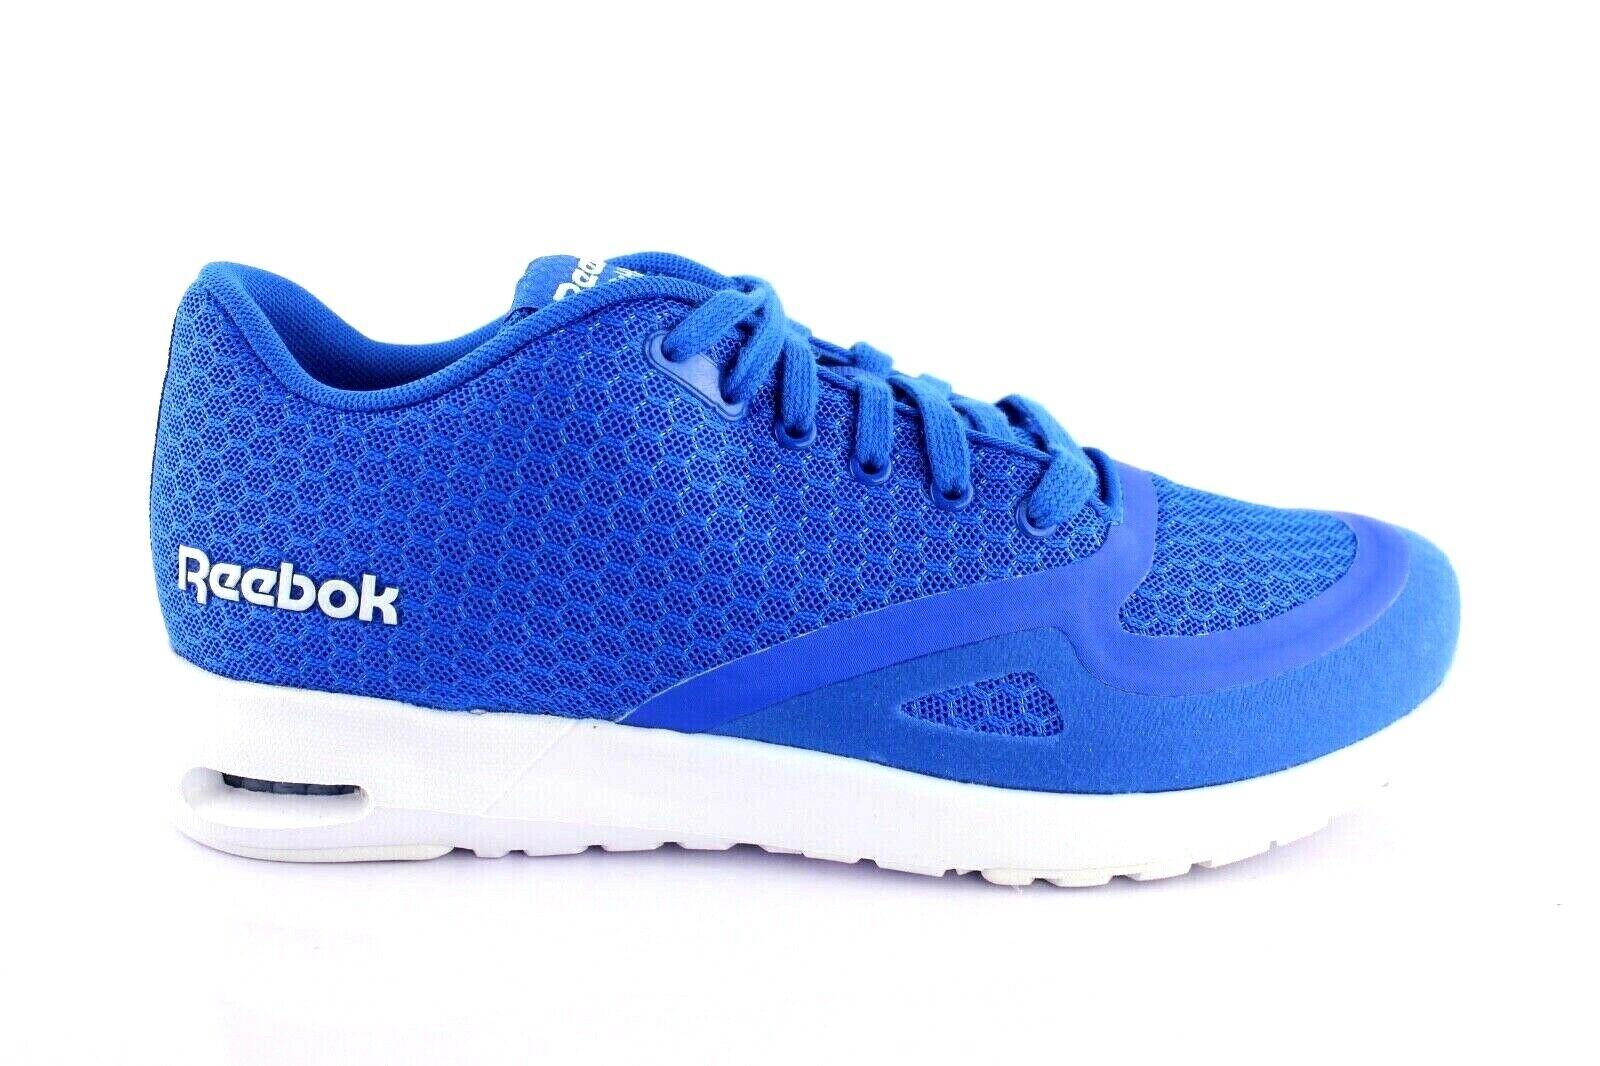 Reebok Classic Clshx Runner Sp Uomini scarpe da  ginnastica Scarpe Casi Blu  più preferenziale